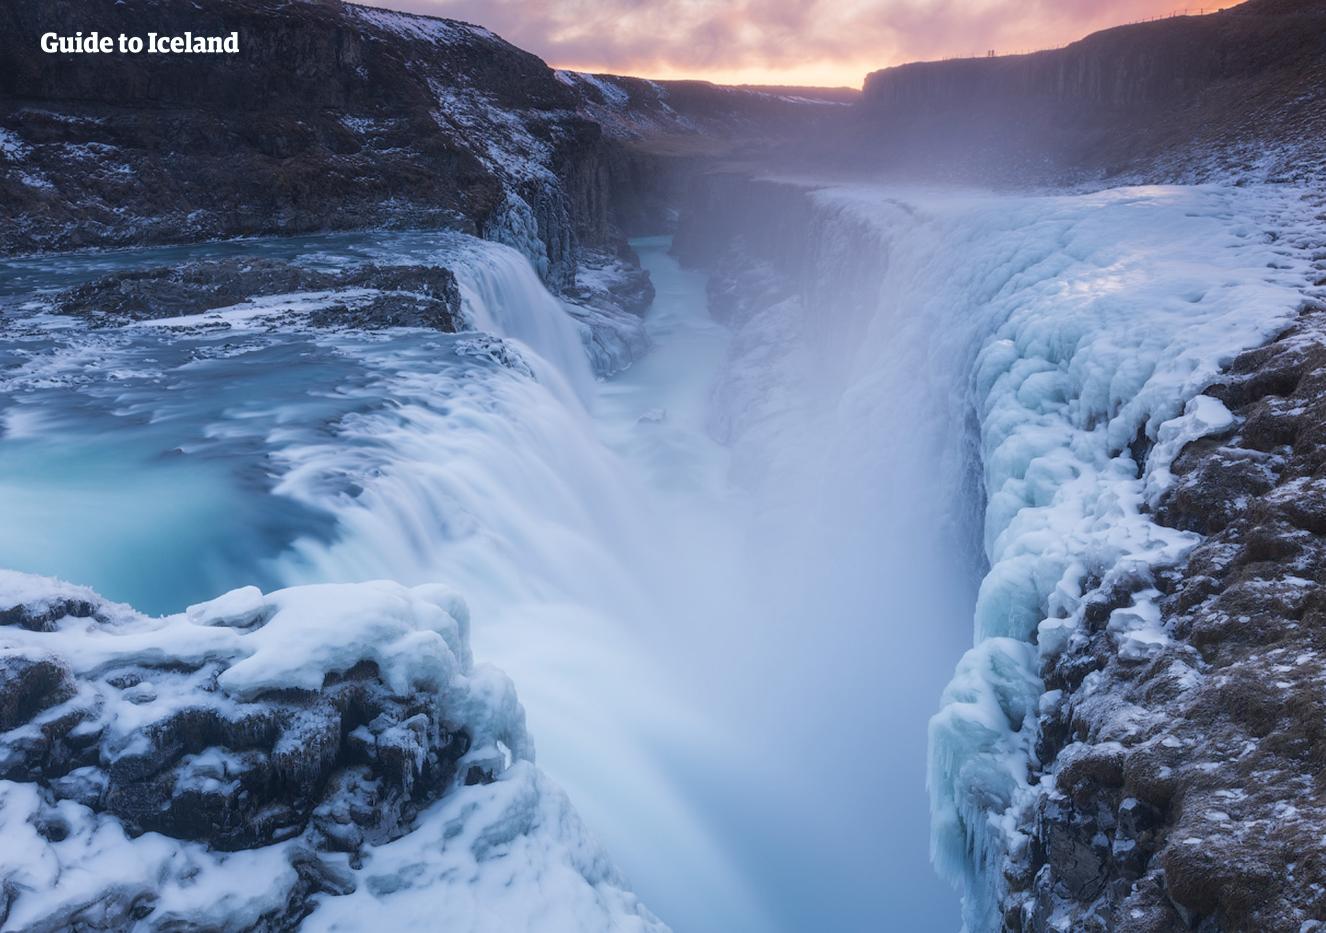 Das Tosen des Wasserfalls Gullfoss und der Wassermassen, die hier 32 Meter tief in eine Schlucht stürzen, wirst du so bald nicht vergessen.